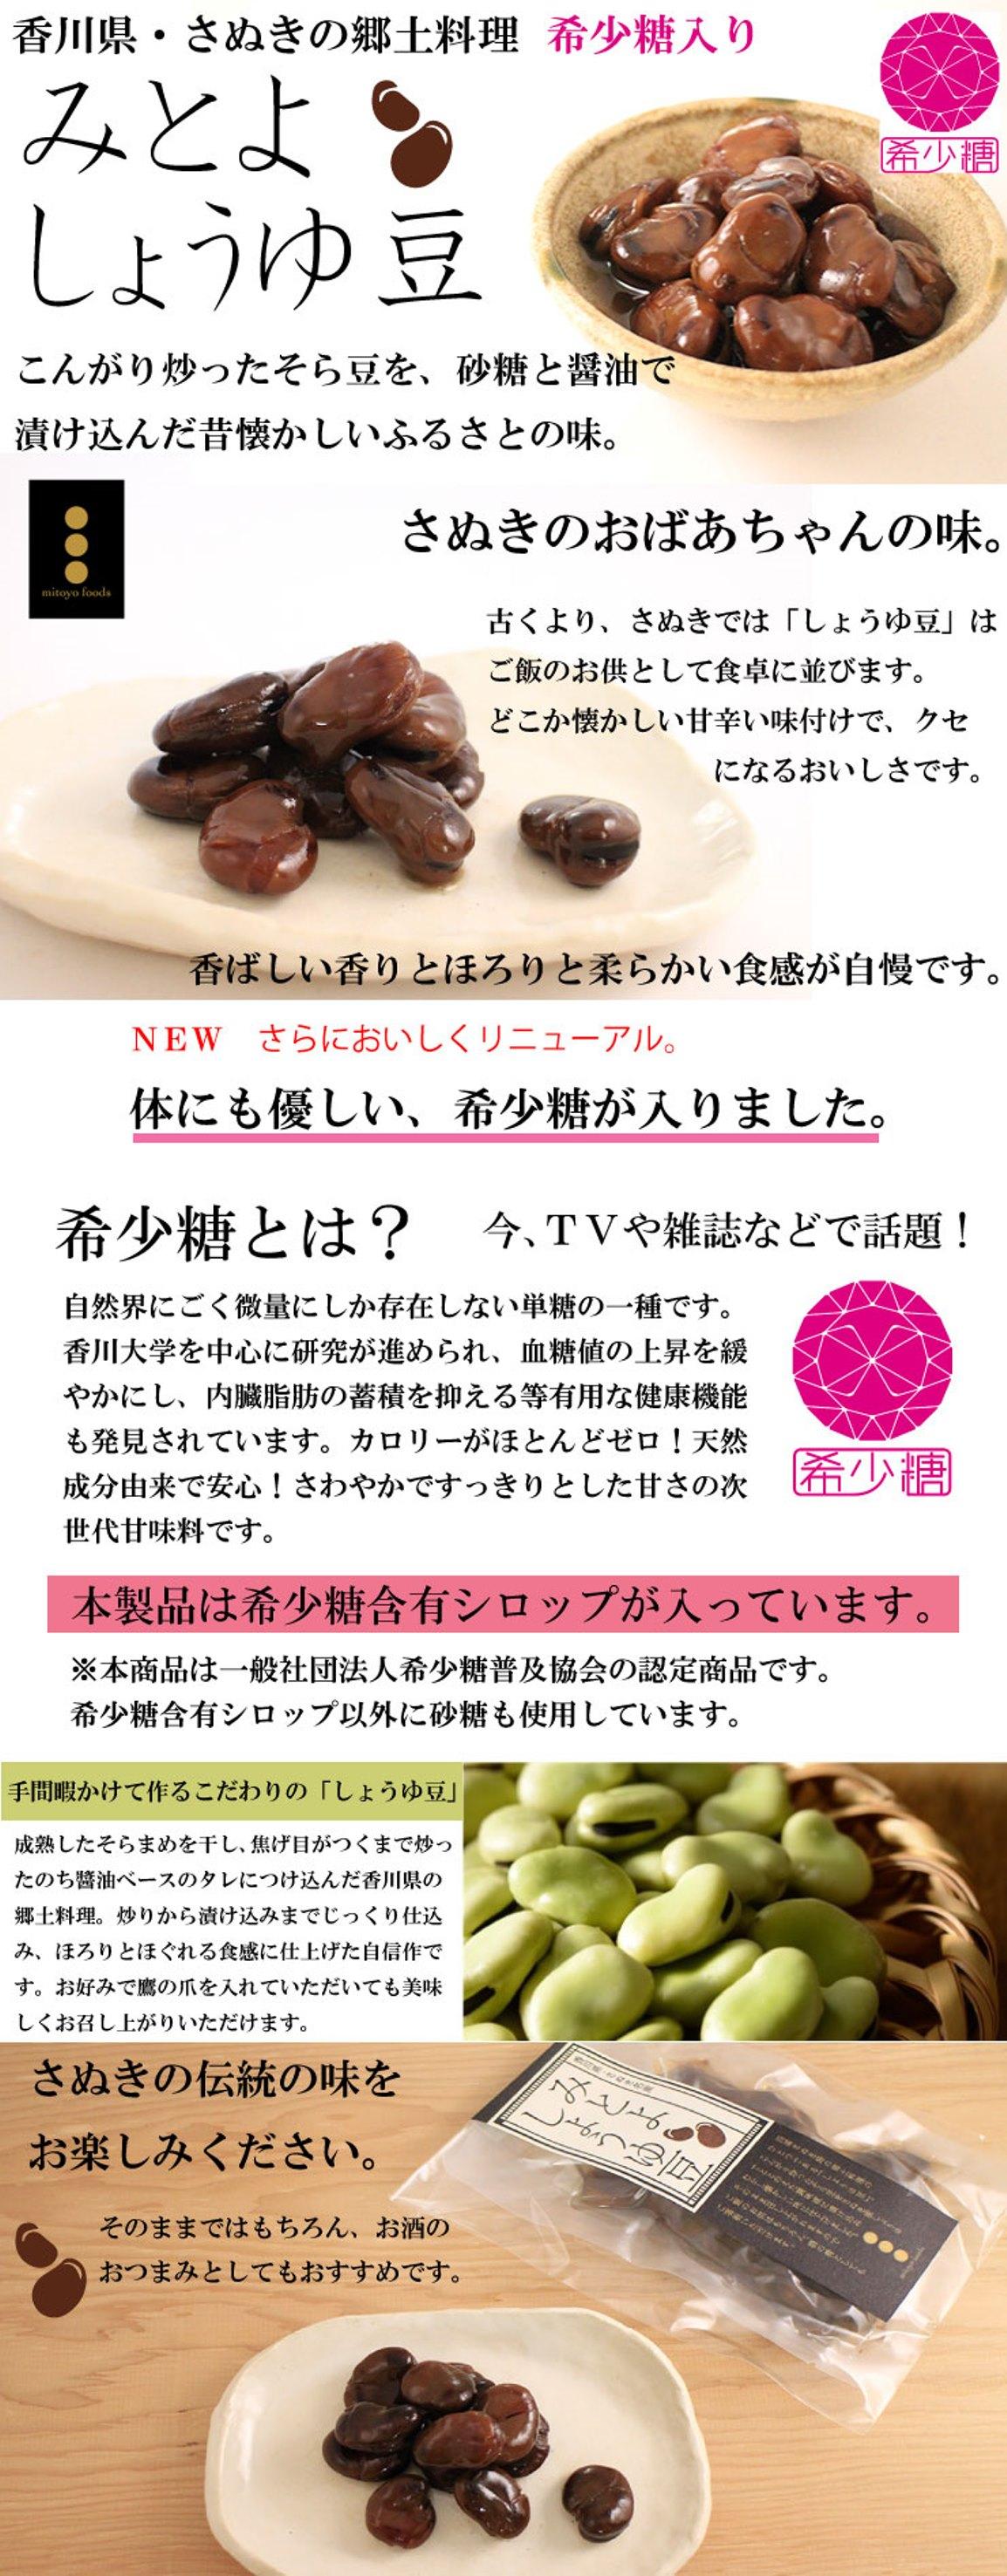 香川県の郷土料理「しょうゆ豆」。じっくり味がしみ込んでいるのでご飯のおかずにぴったり♪150g袋入りです。